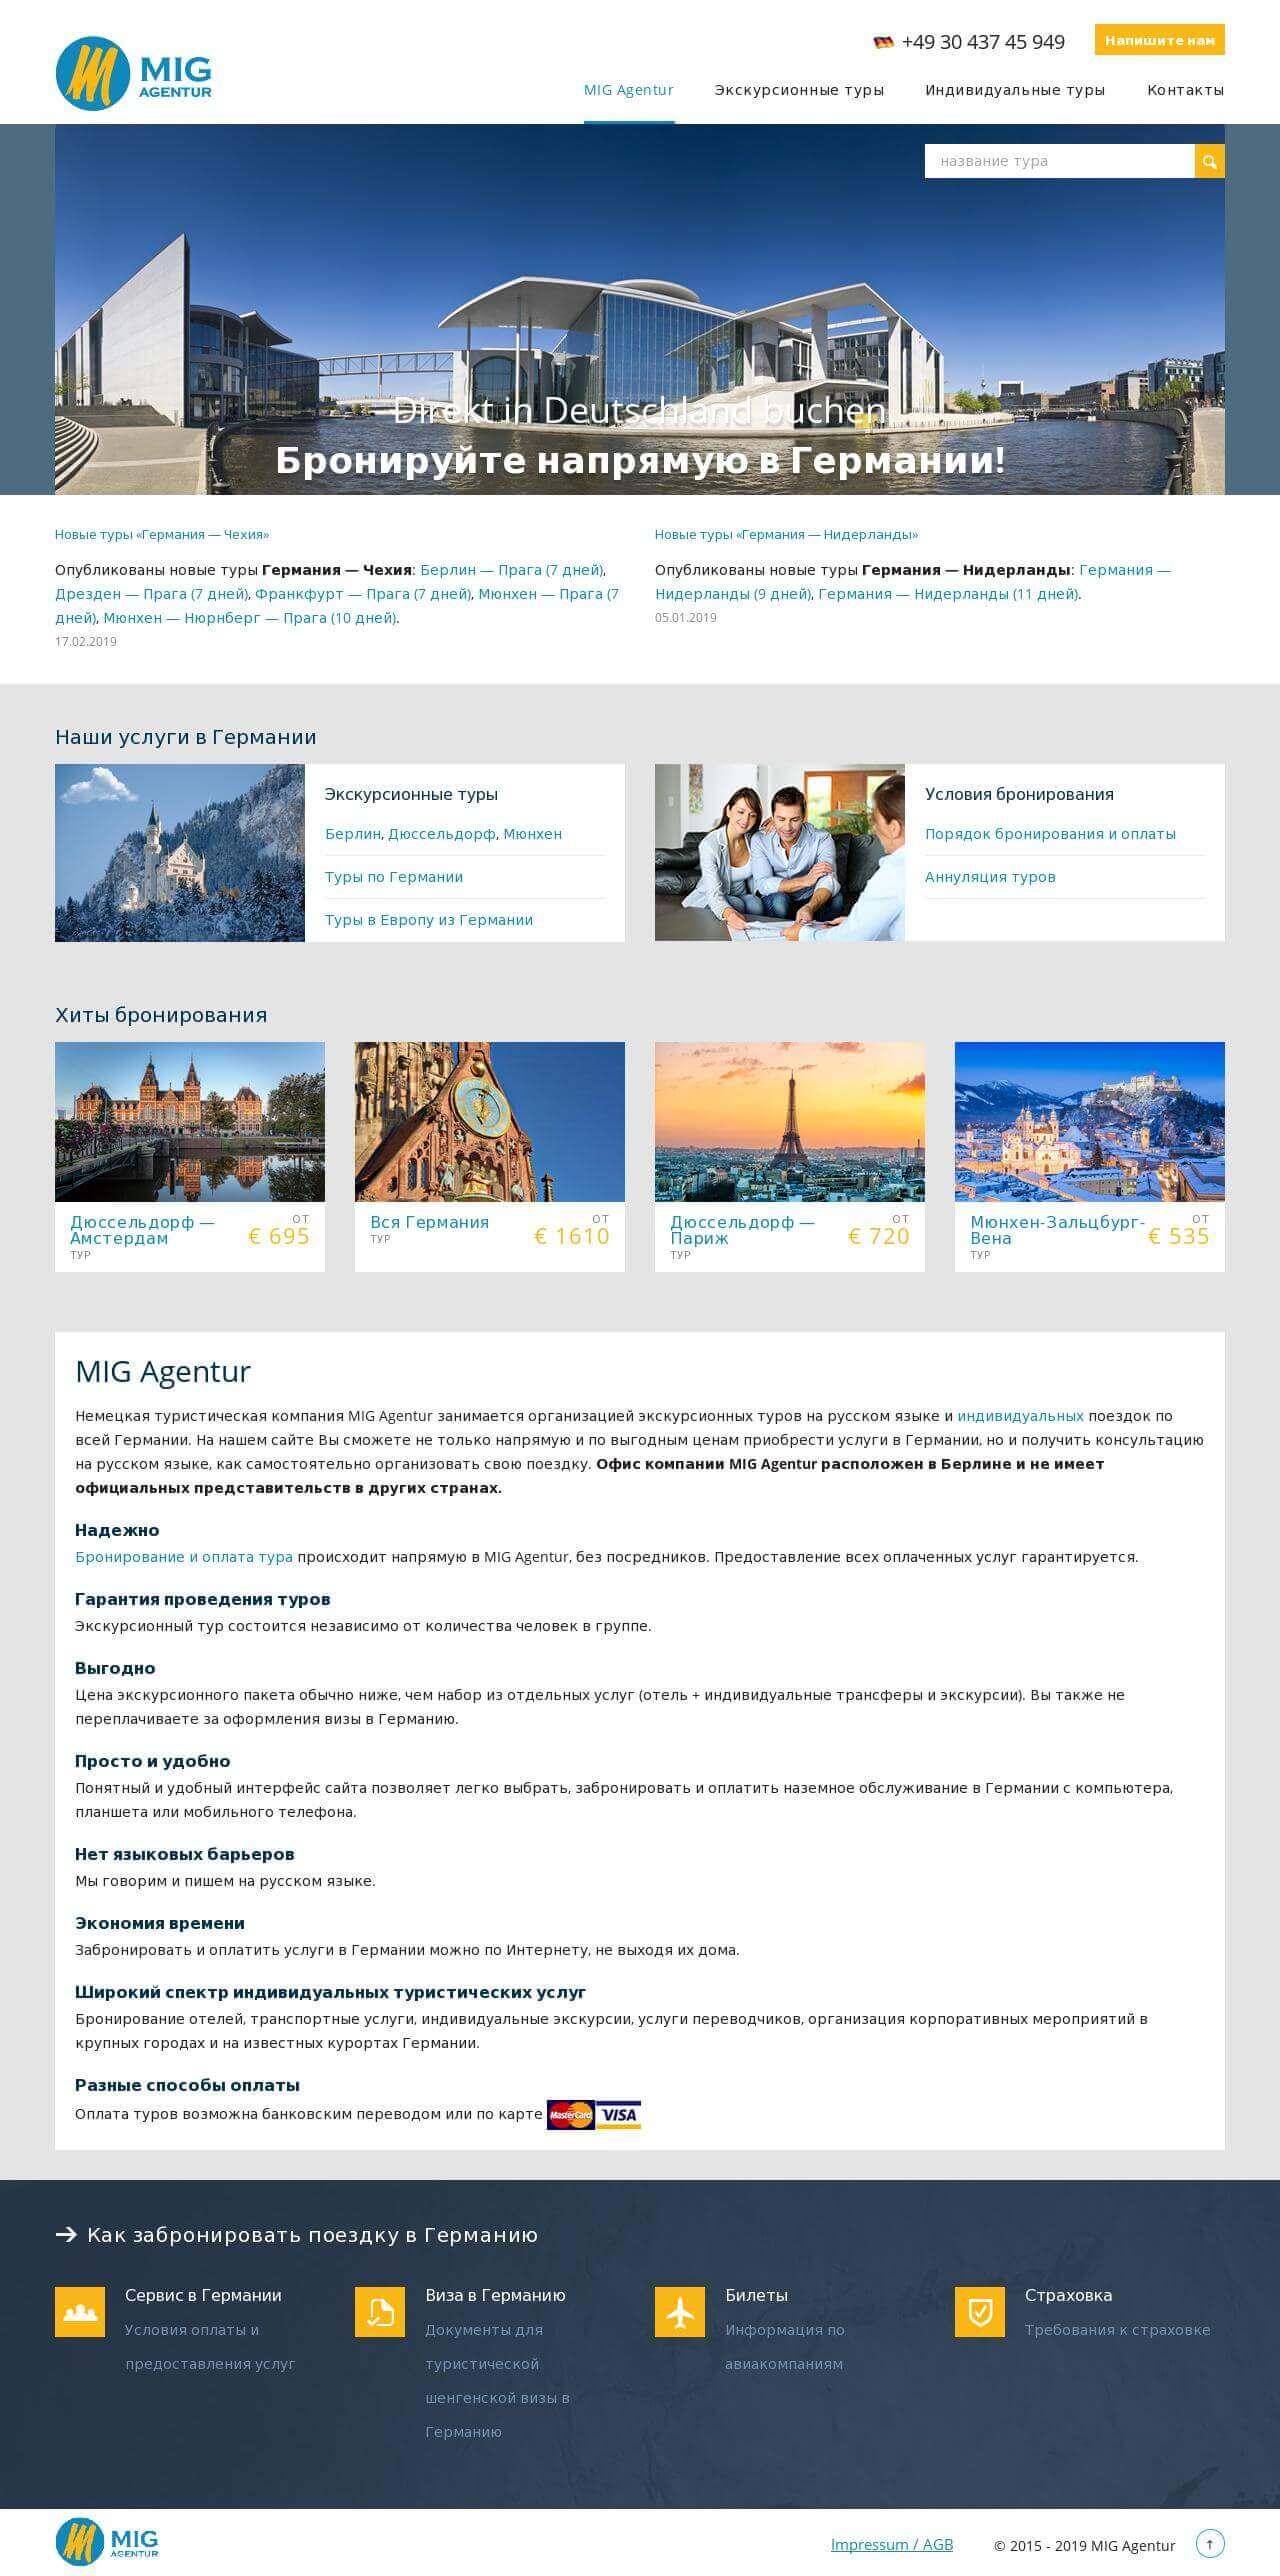 Немецкая туристическая компания MIG Agentur